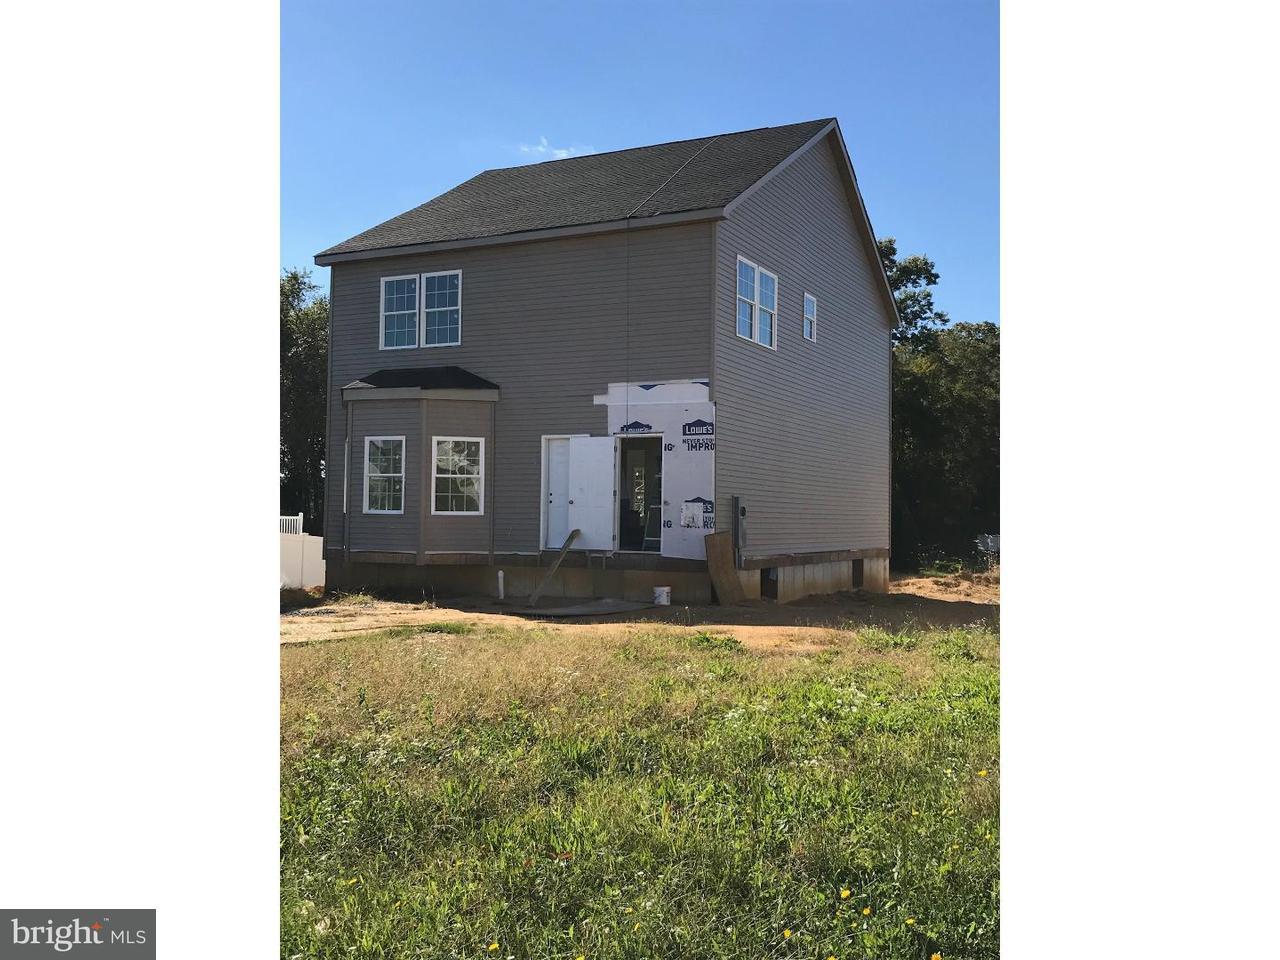 一戸建て のために 売買 アット 35 GARWOOD BLVD Clayton, ニュージャージー 08312 アメリカ合衆国